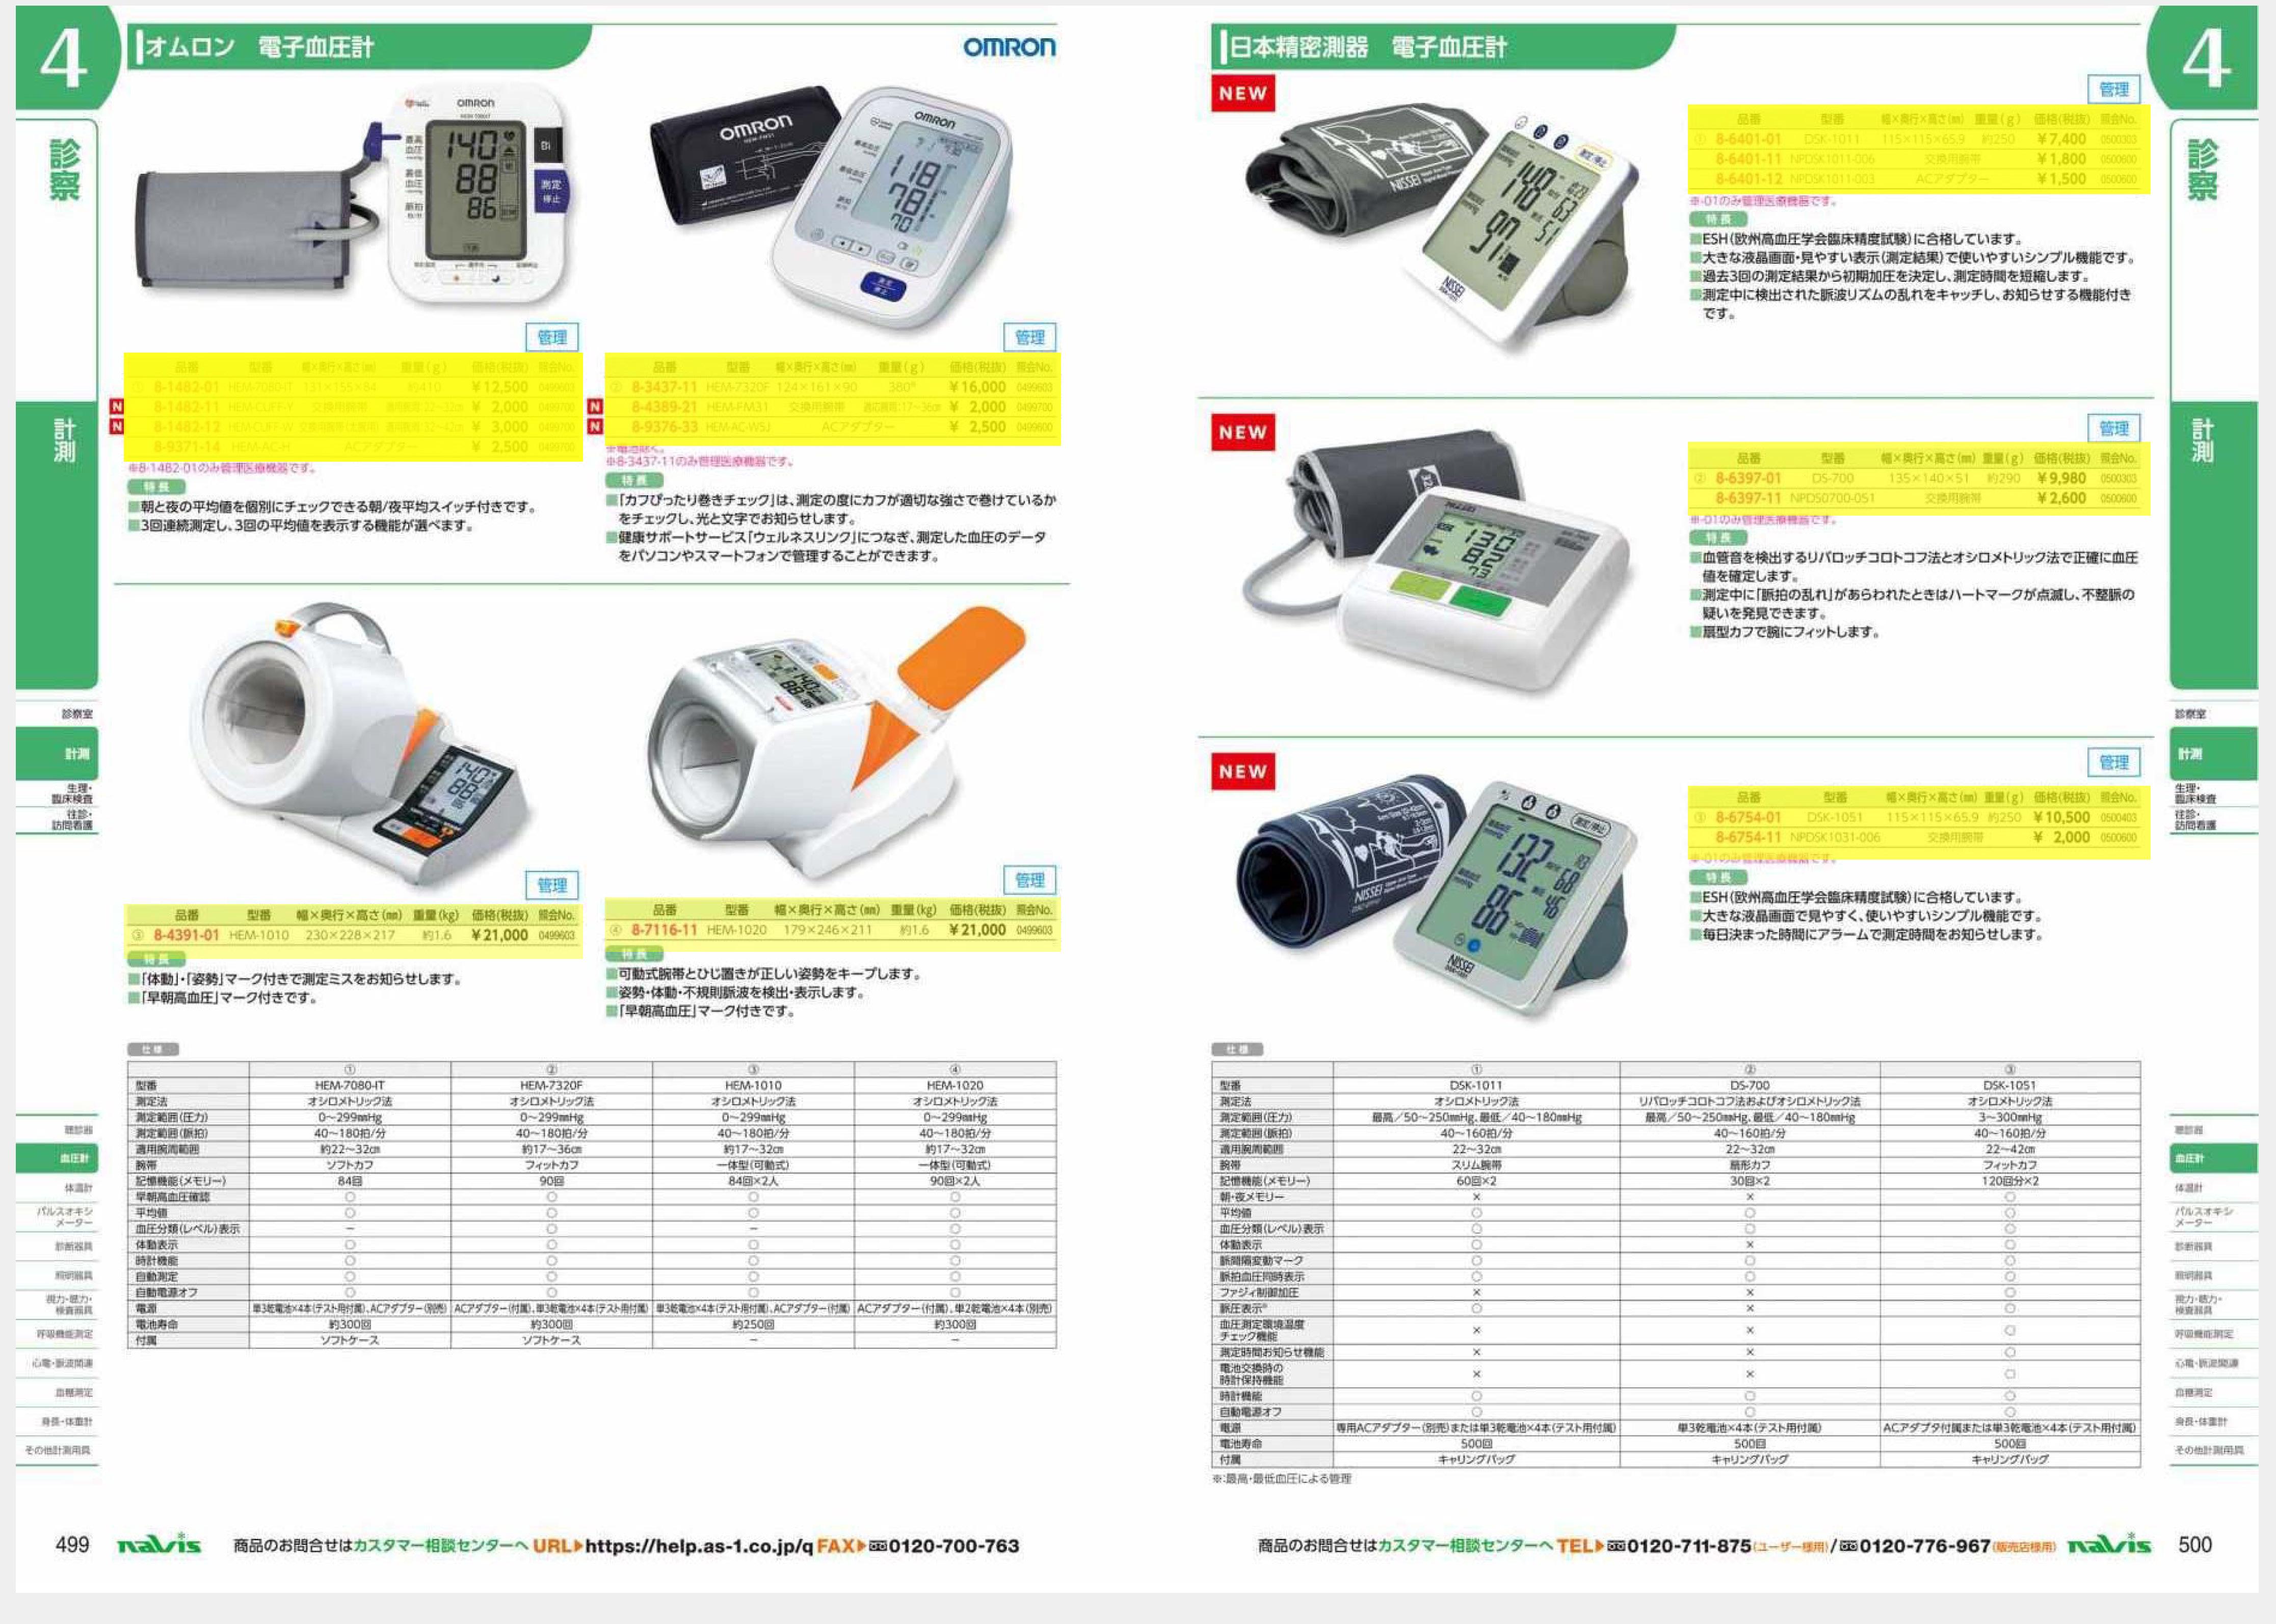 ナビス50000 オムロン 8-7116-11 デジタル自動血圧計 HEM−1020[個](as1-8-7116-11)